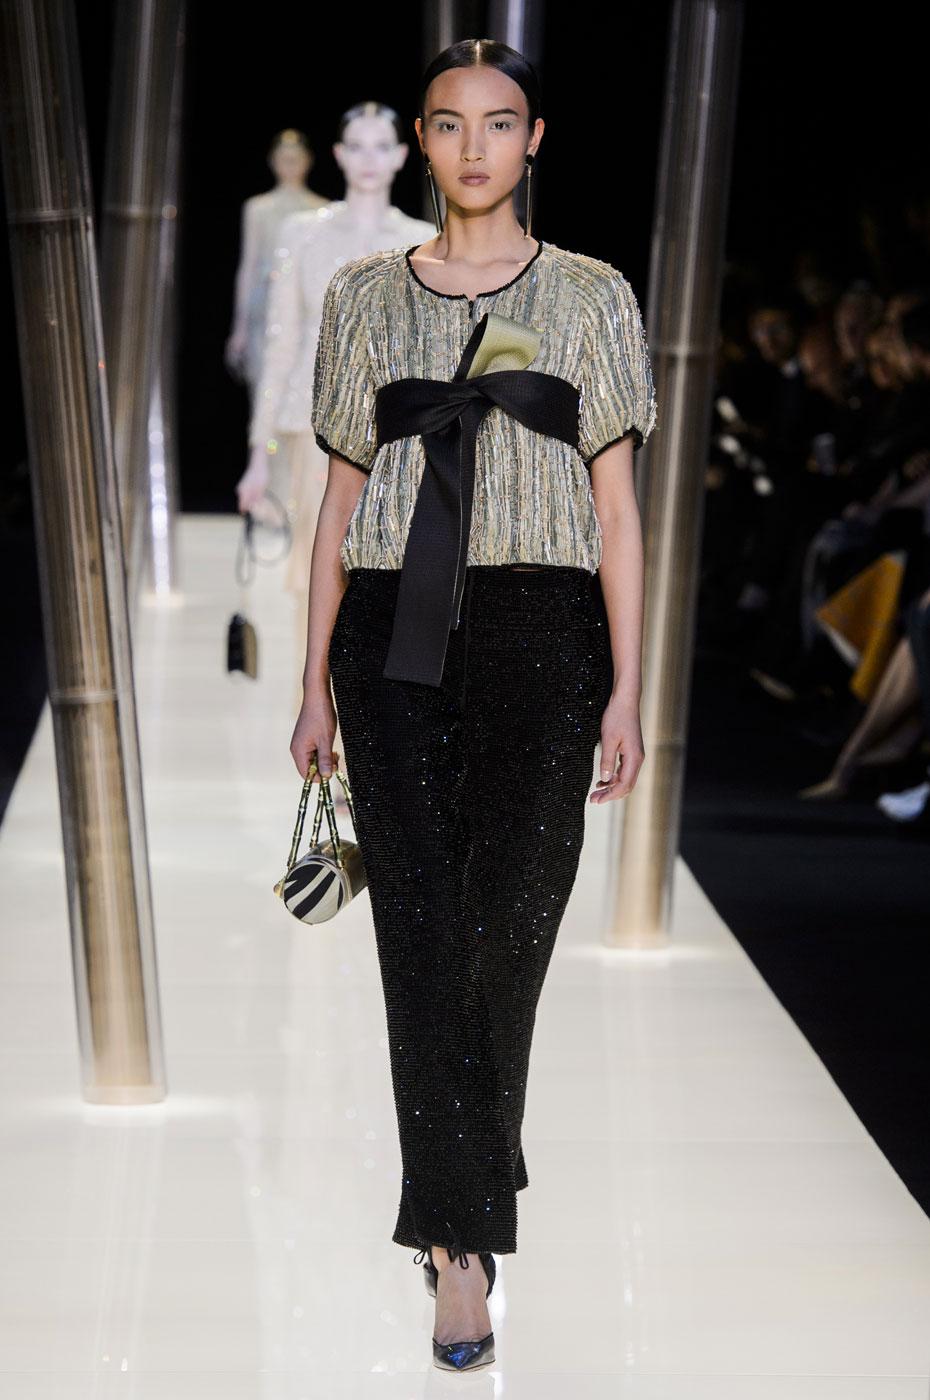 Giorgio-armani-Prive-fashion-runway-show-haute-couture-paris-spring-2015-the-impression-081